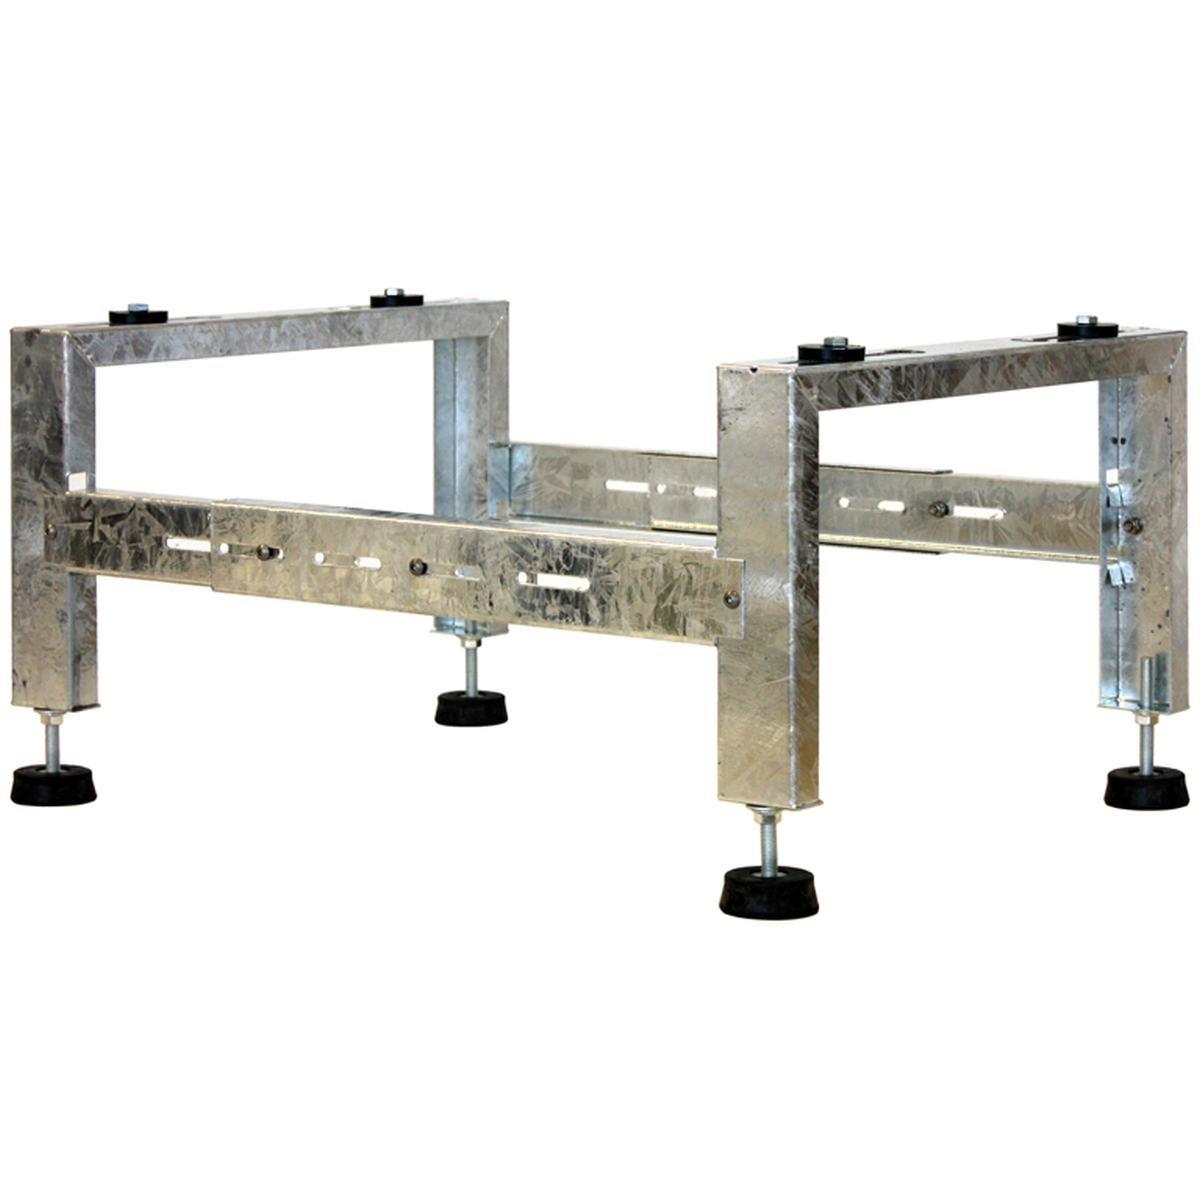 Monteringsstativ galvaniserad inkl. vibrationsdämp